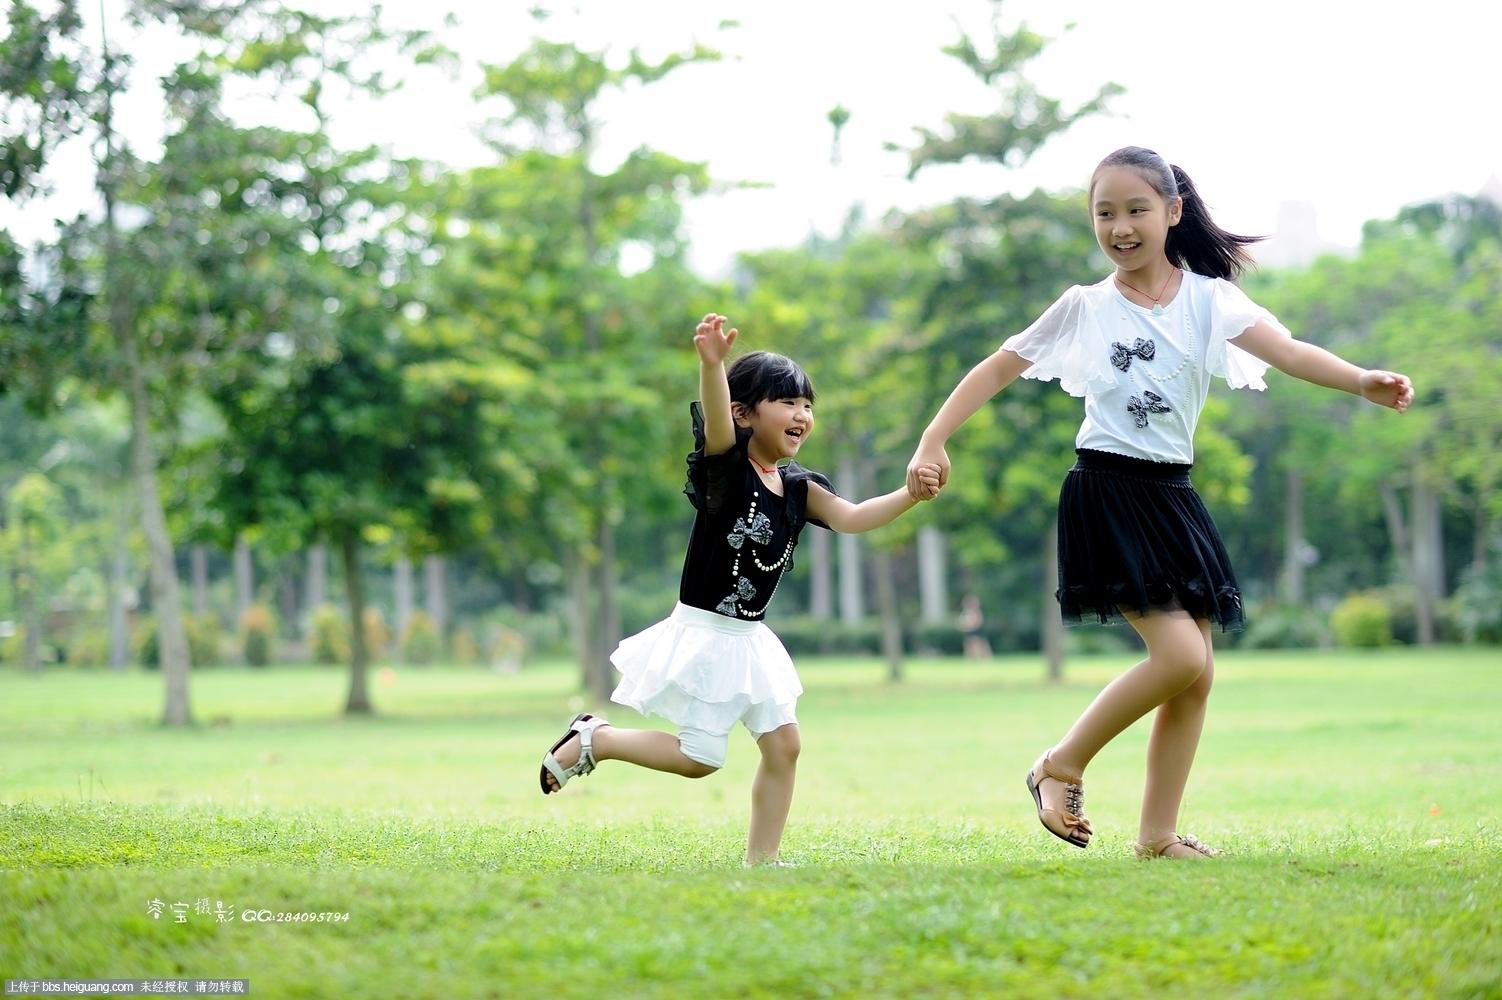 黑光论坛 69 作品欣赏 69 儿童摄影作品 69 一组外景亲子照